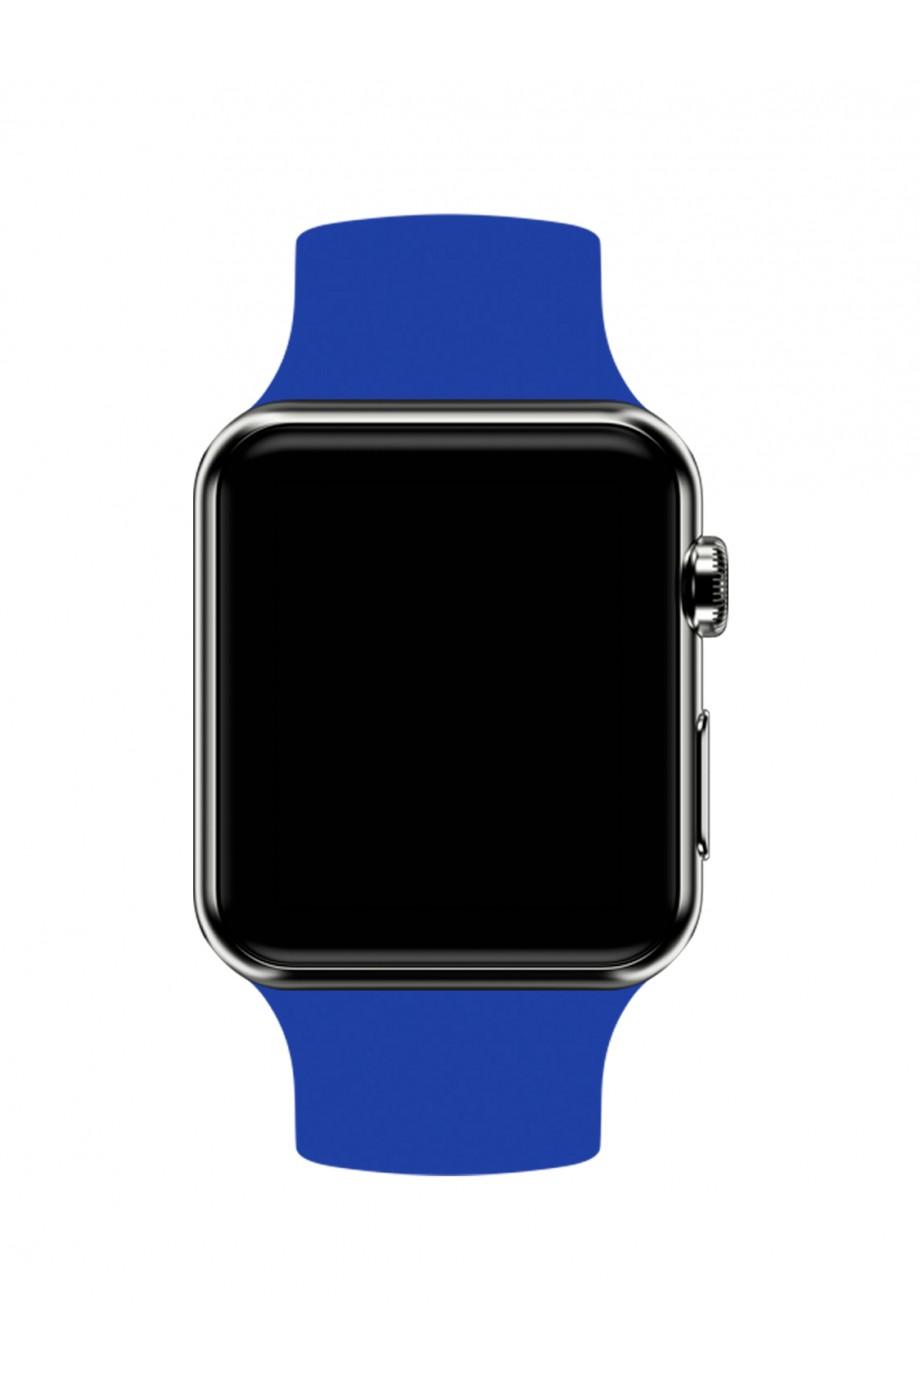 Силиконовый ремешок для Apple Watch 3 42 мм, синий